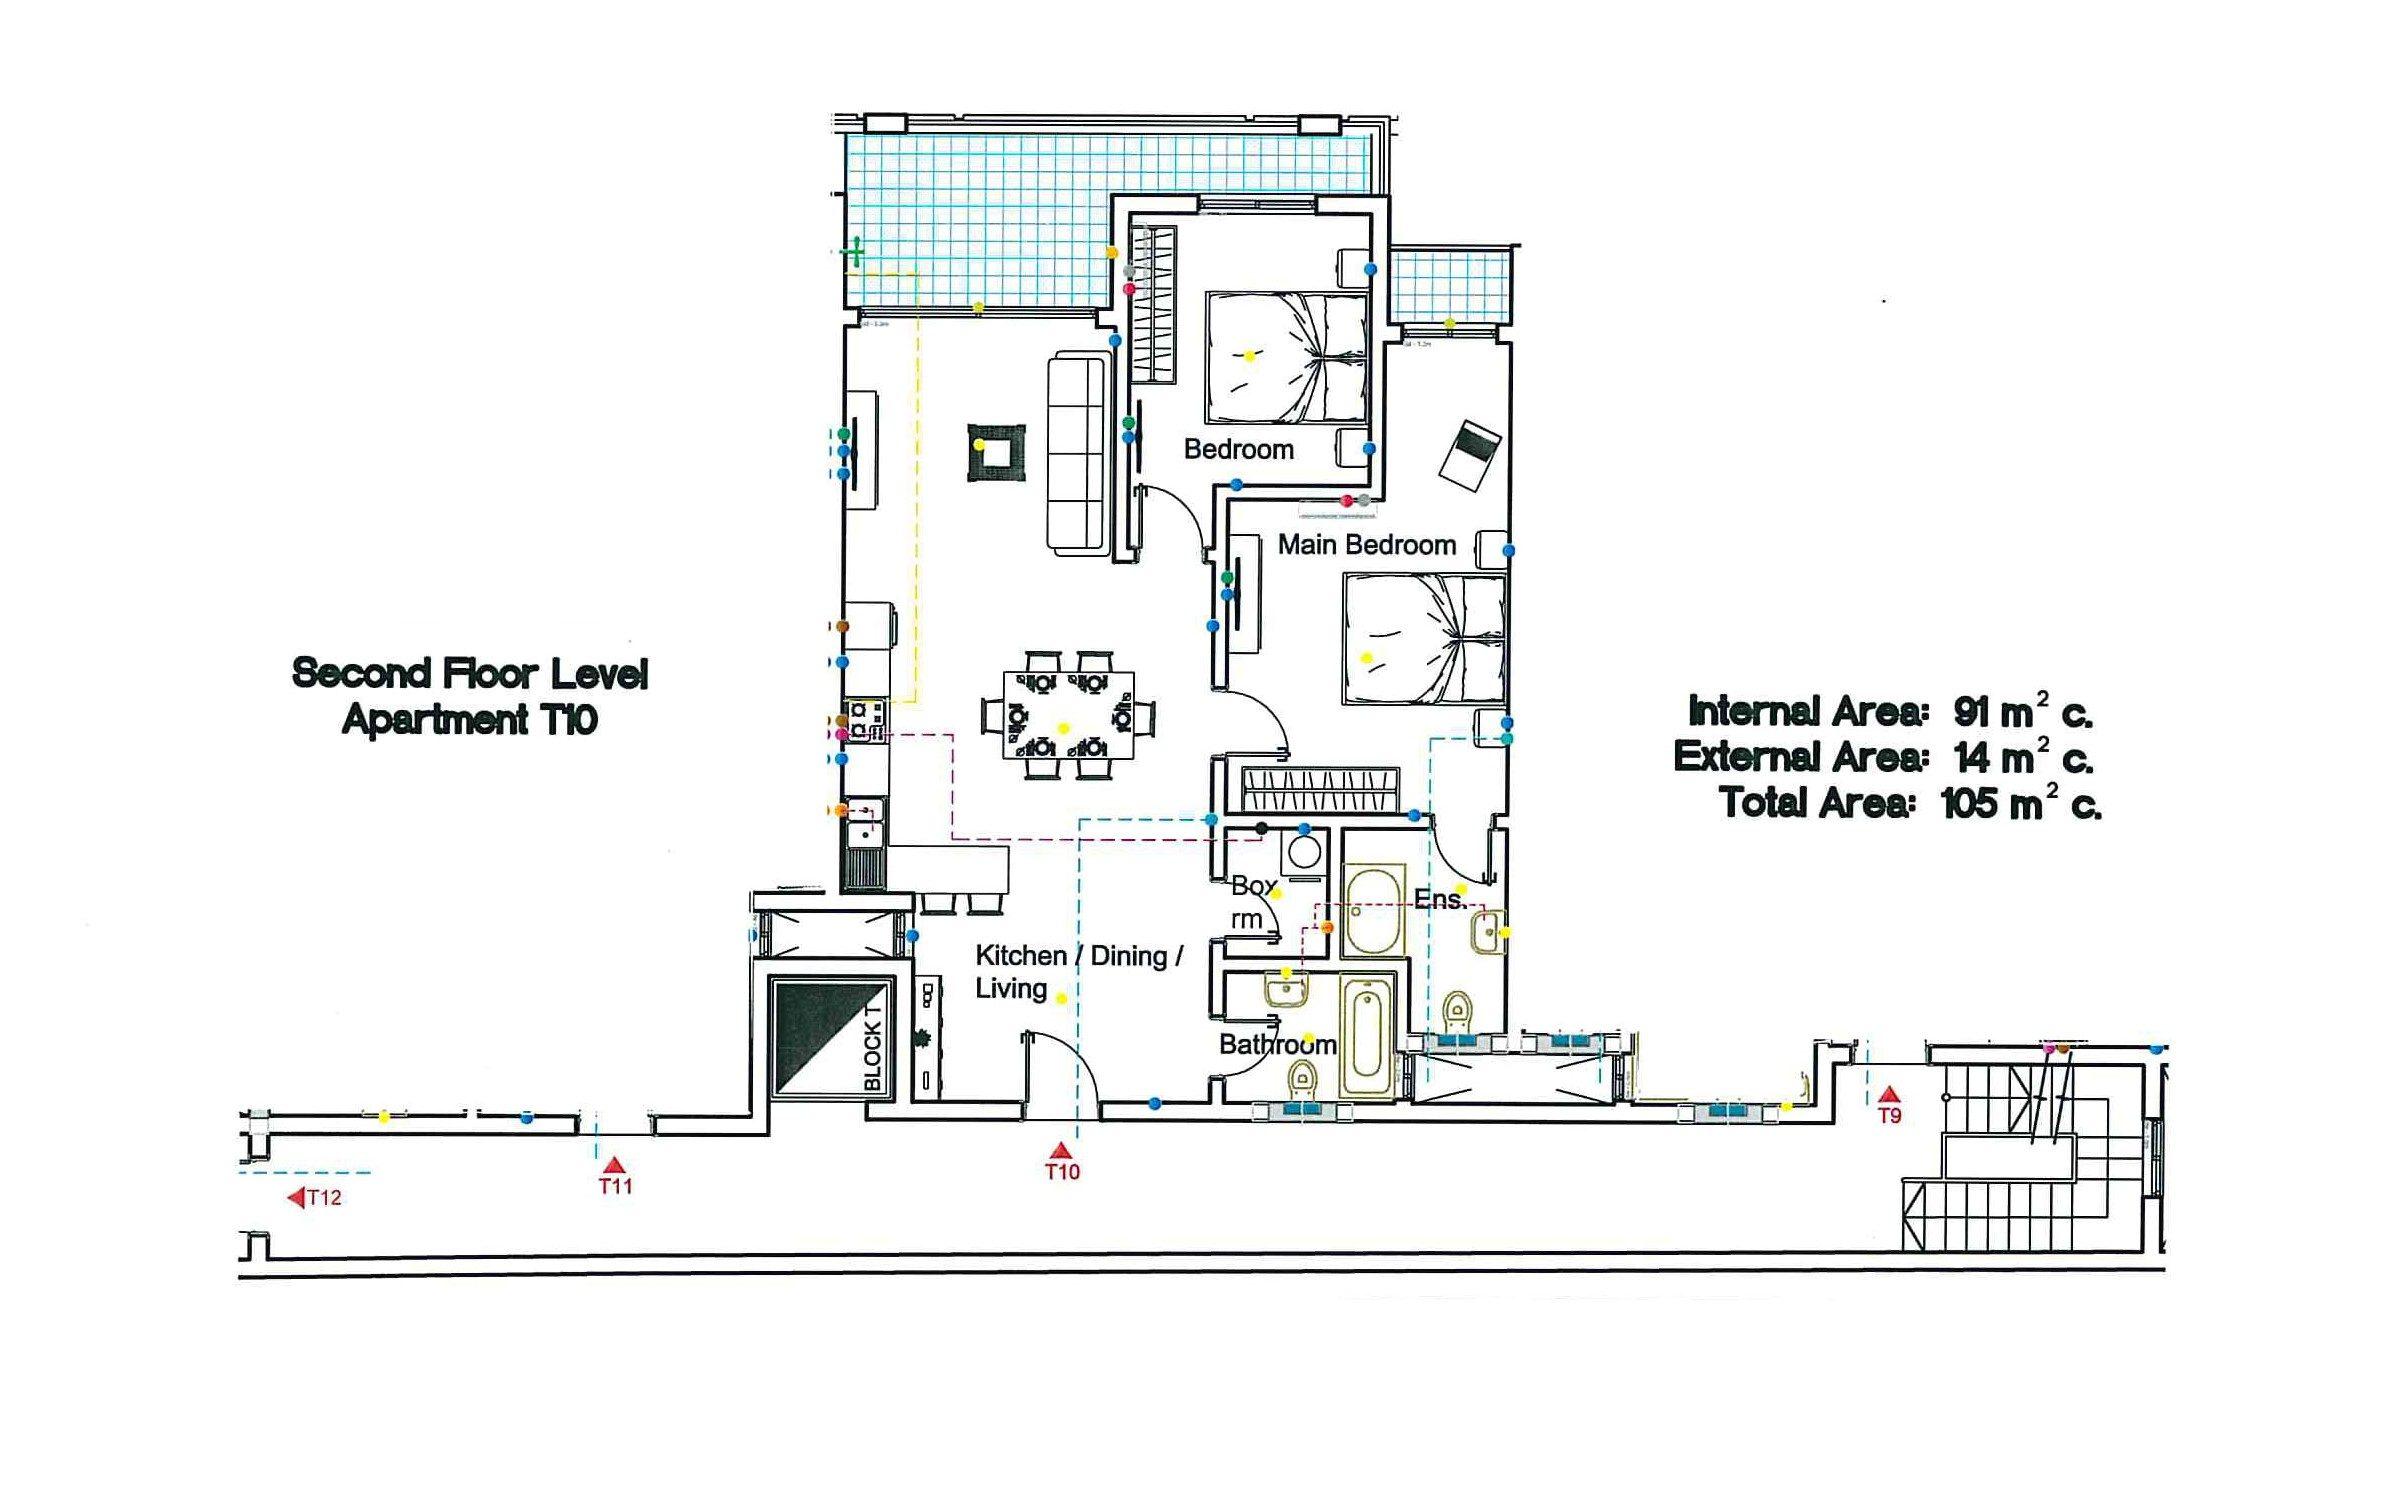 T10 Second Floor